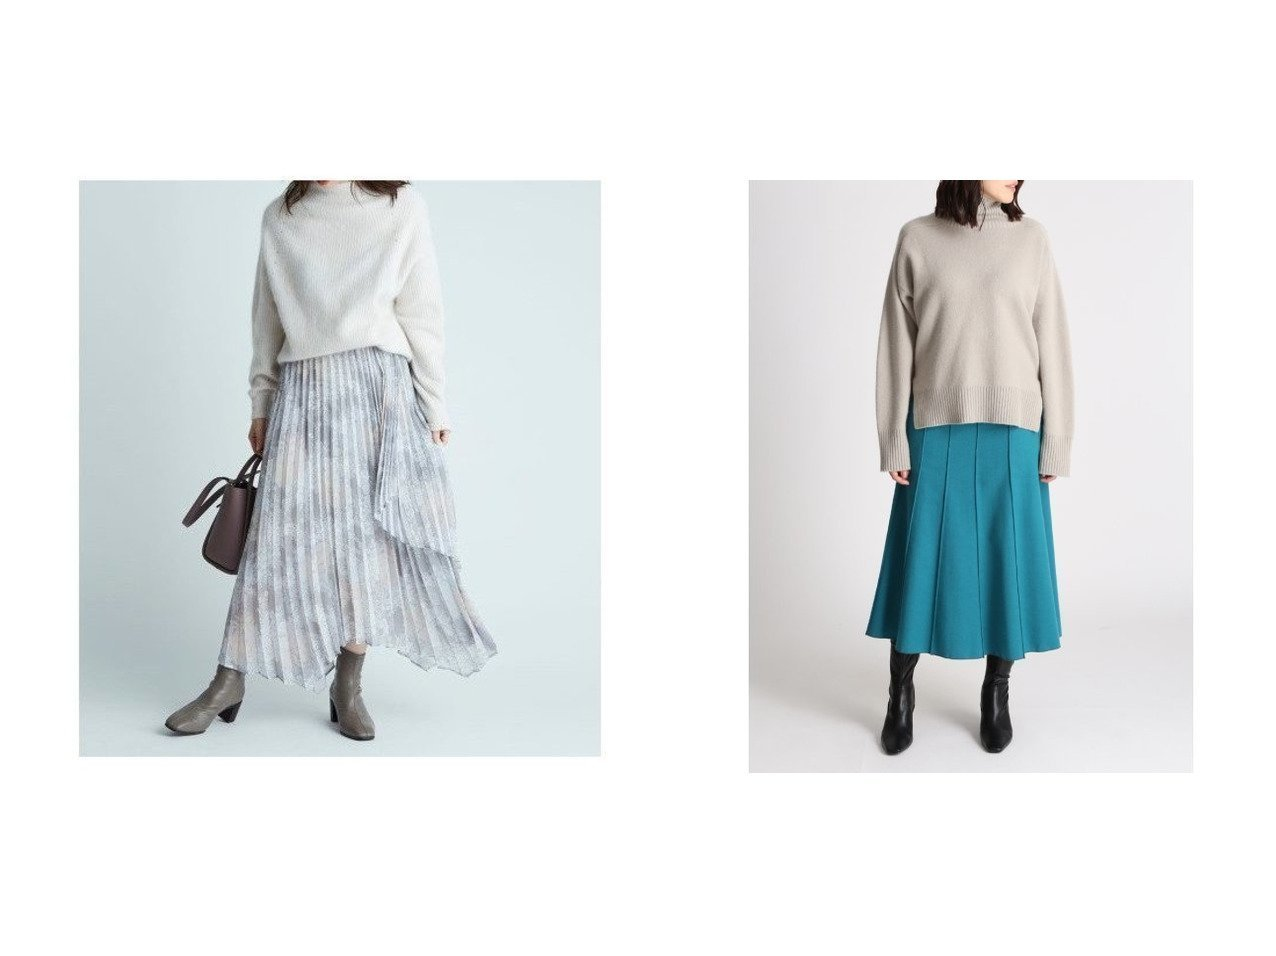 【Mila Owen/ミラオーウェン】のウール混パネルデザインミディスカート&【FRAY I.D/フレイ アイディー】のフラワープリントアシメプリーツスカート スカートのおすすめ!人気トレンド・レディースファッションの通販 おすすめで人気の流行・トレンド、ファッションの通販商品 メンズファッション・キッズファッション・インテリア・家具・レディースファッション・服の通販 founy(ファニー) https://founy.com/ ファッション Fashion レディースファッション WOMEN スカート Skirt プリーツスカート Pleated Skirts イエロー ギャザー シフォン ジョーゼット スマート バランス プリント プリーツ ラップ パープル 冬 Winter |ID:crp329100000008971